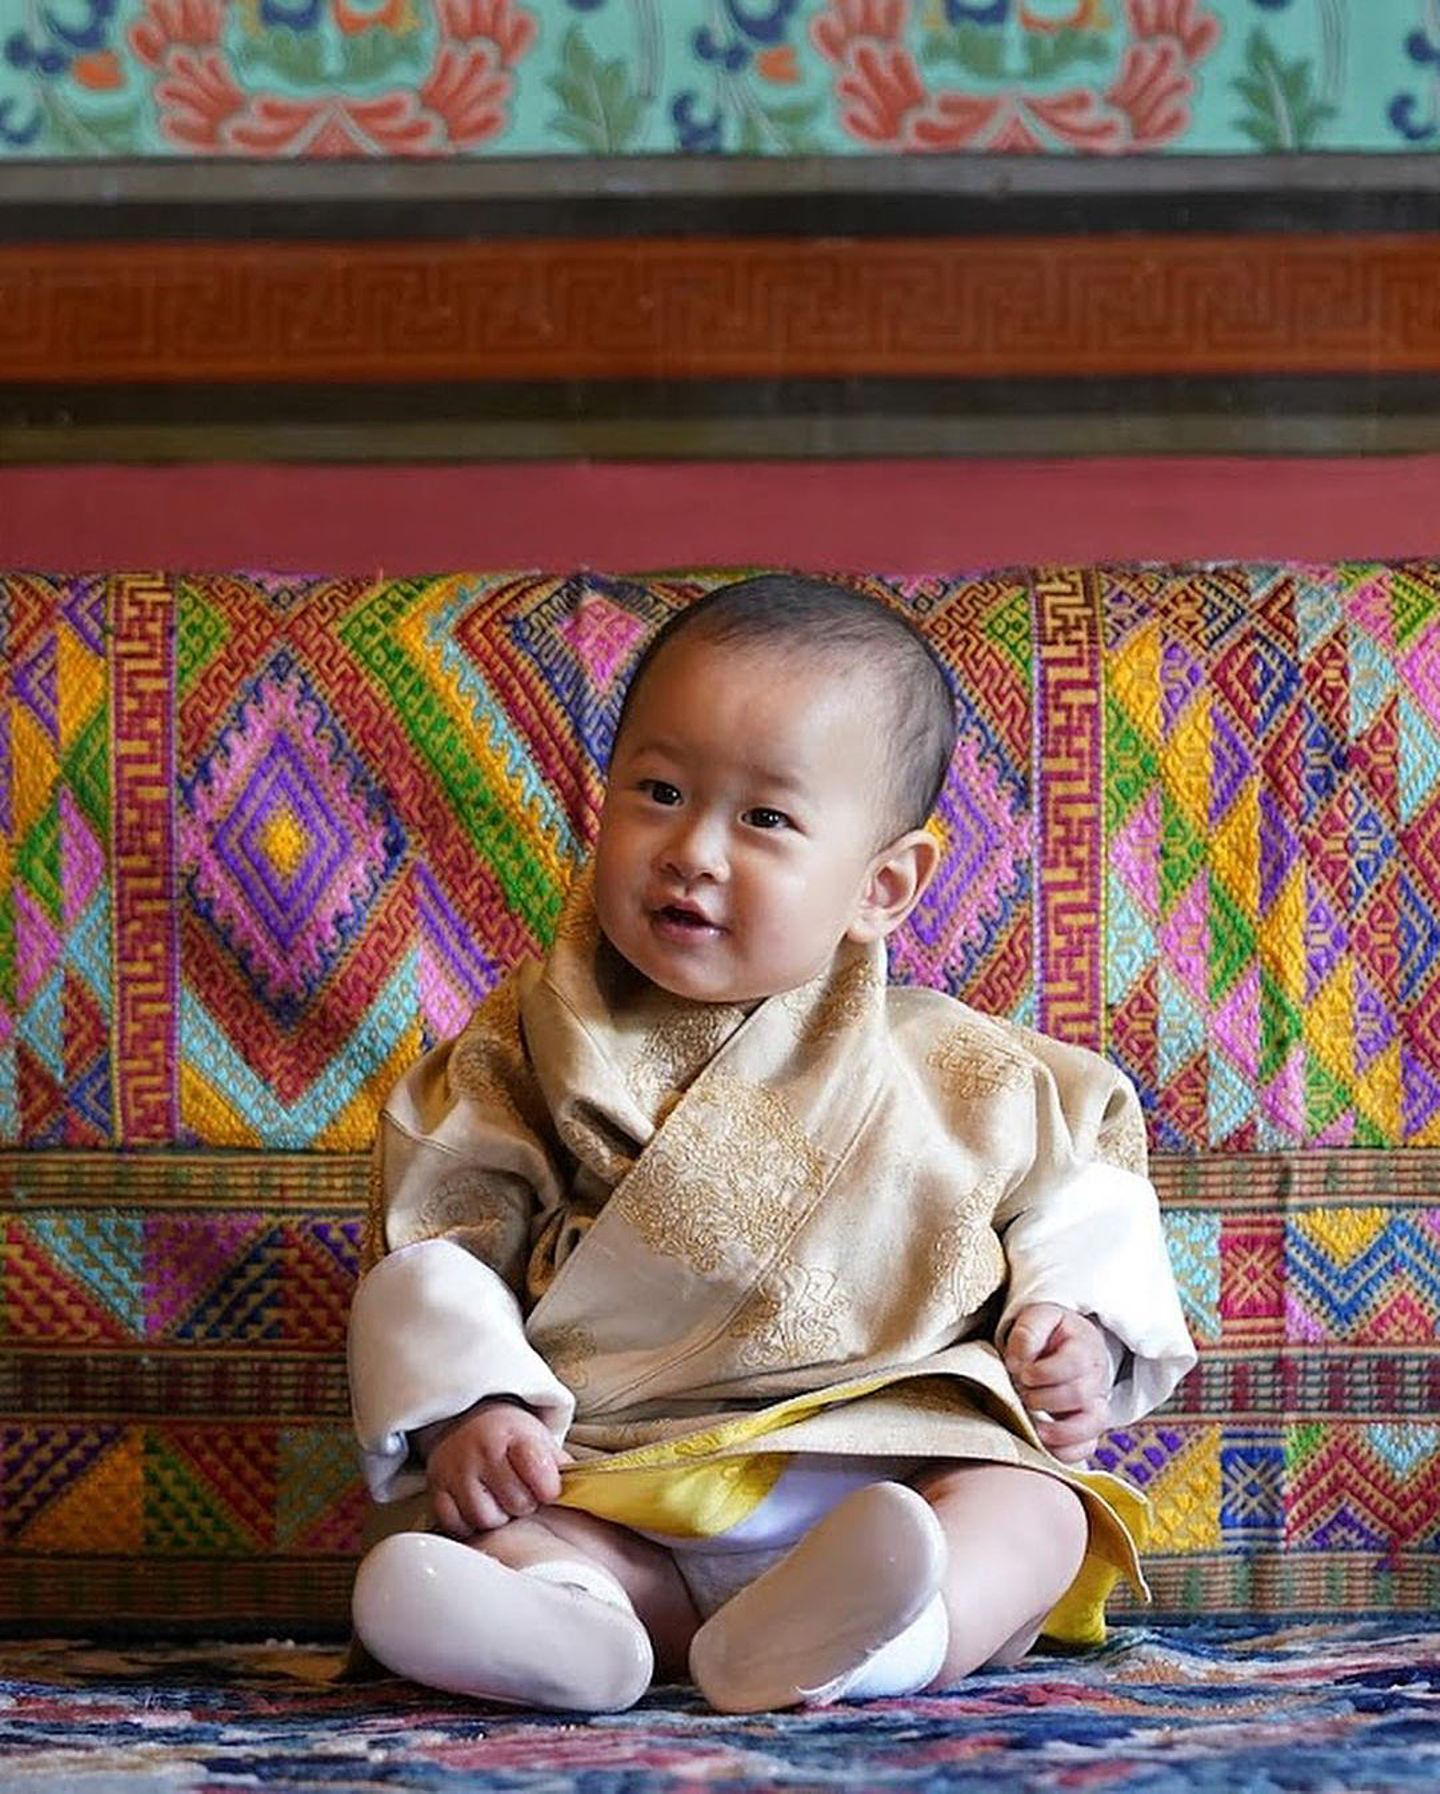 Ganz fröhlich in die Welt schaut der jüngste Spross der Königsfamilie aus Bhutan.